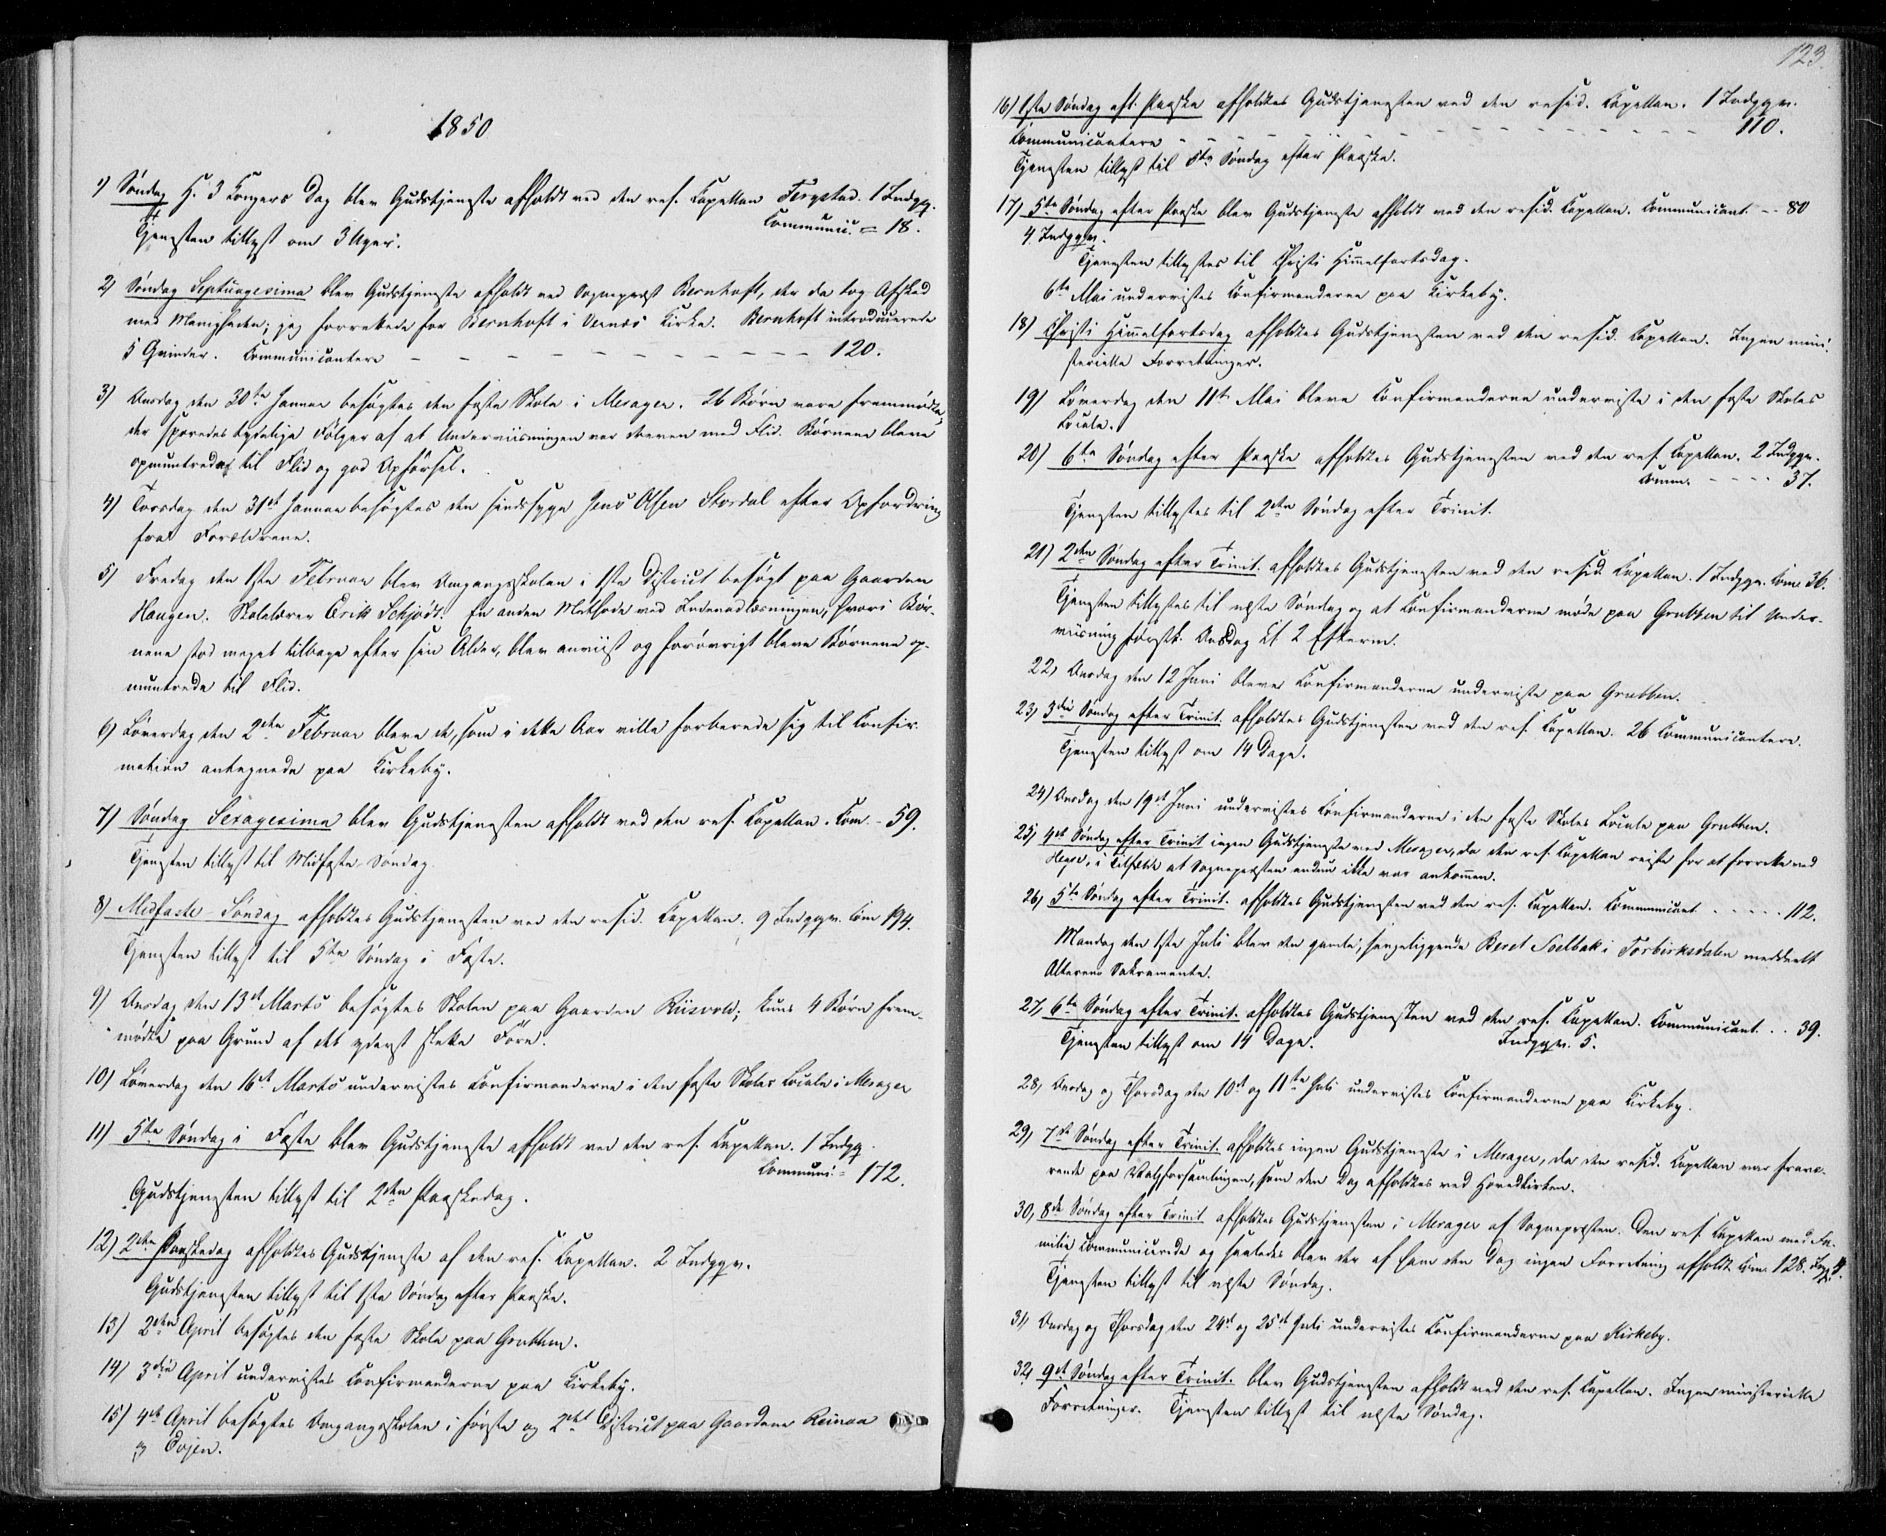 SAT, Ministerialprotokoller, klokkerbøker og fødselsregistre - Nord-Trøndelag, 706/L0040: Parish register (official) no. 706A01, 1850-1861, p. 123